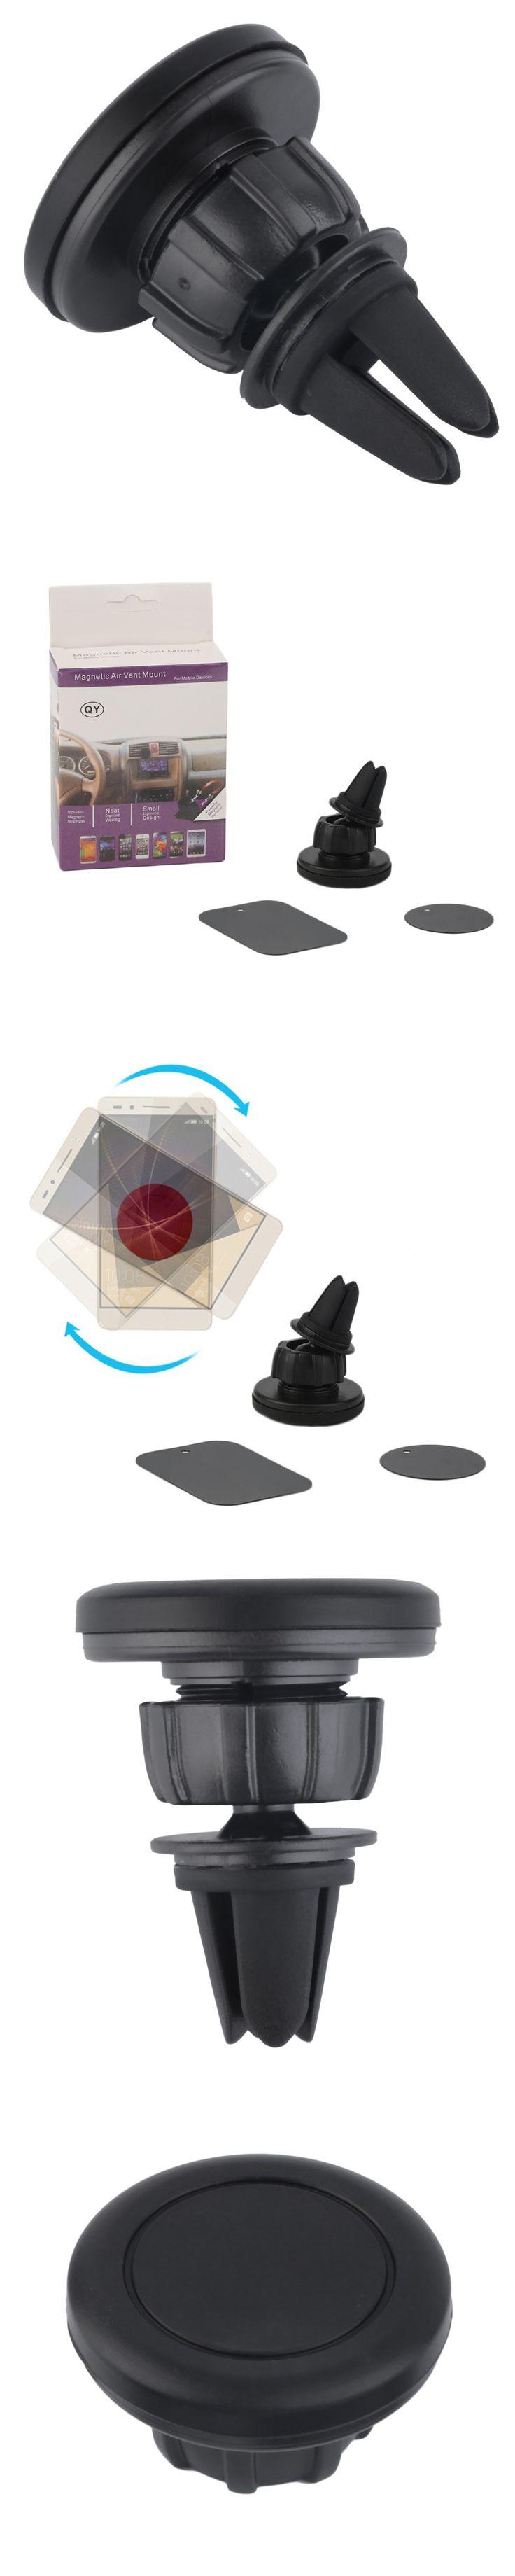 Universal Car Air Vent Mount Clip Magnetic Holder Dock For iPhone For Samsung Magnet holder Tablet GPS suporte para celular